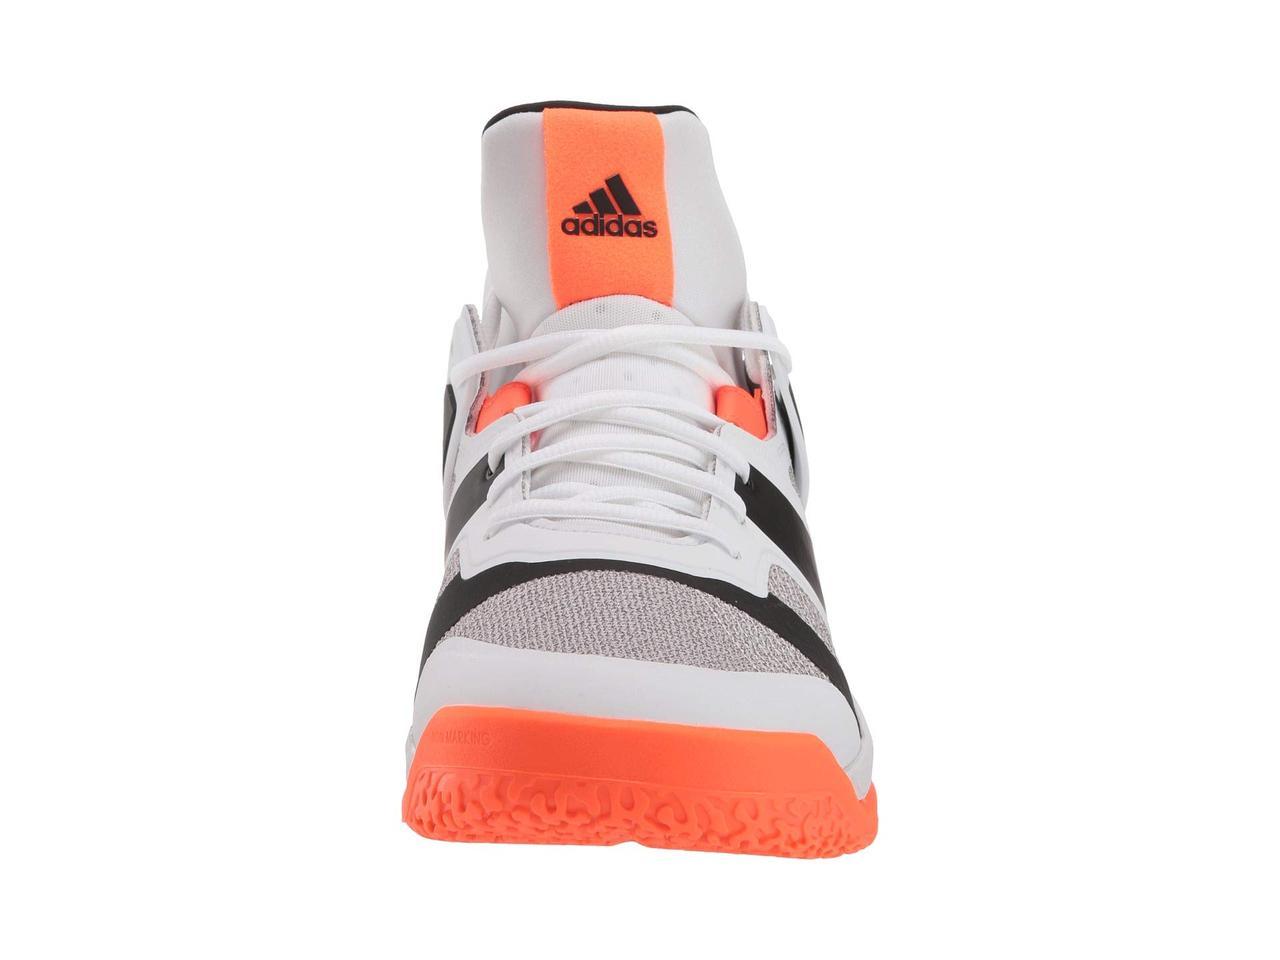 best sneakers 267a7 e911d Кроссовки/Кеды (Оригинал) adidas Stabil X Mid Footwear White/Core  Black/Solar Orange